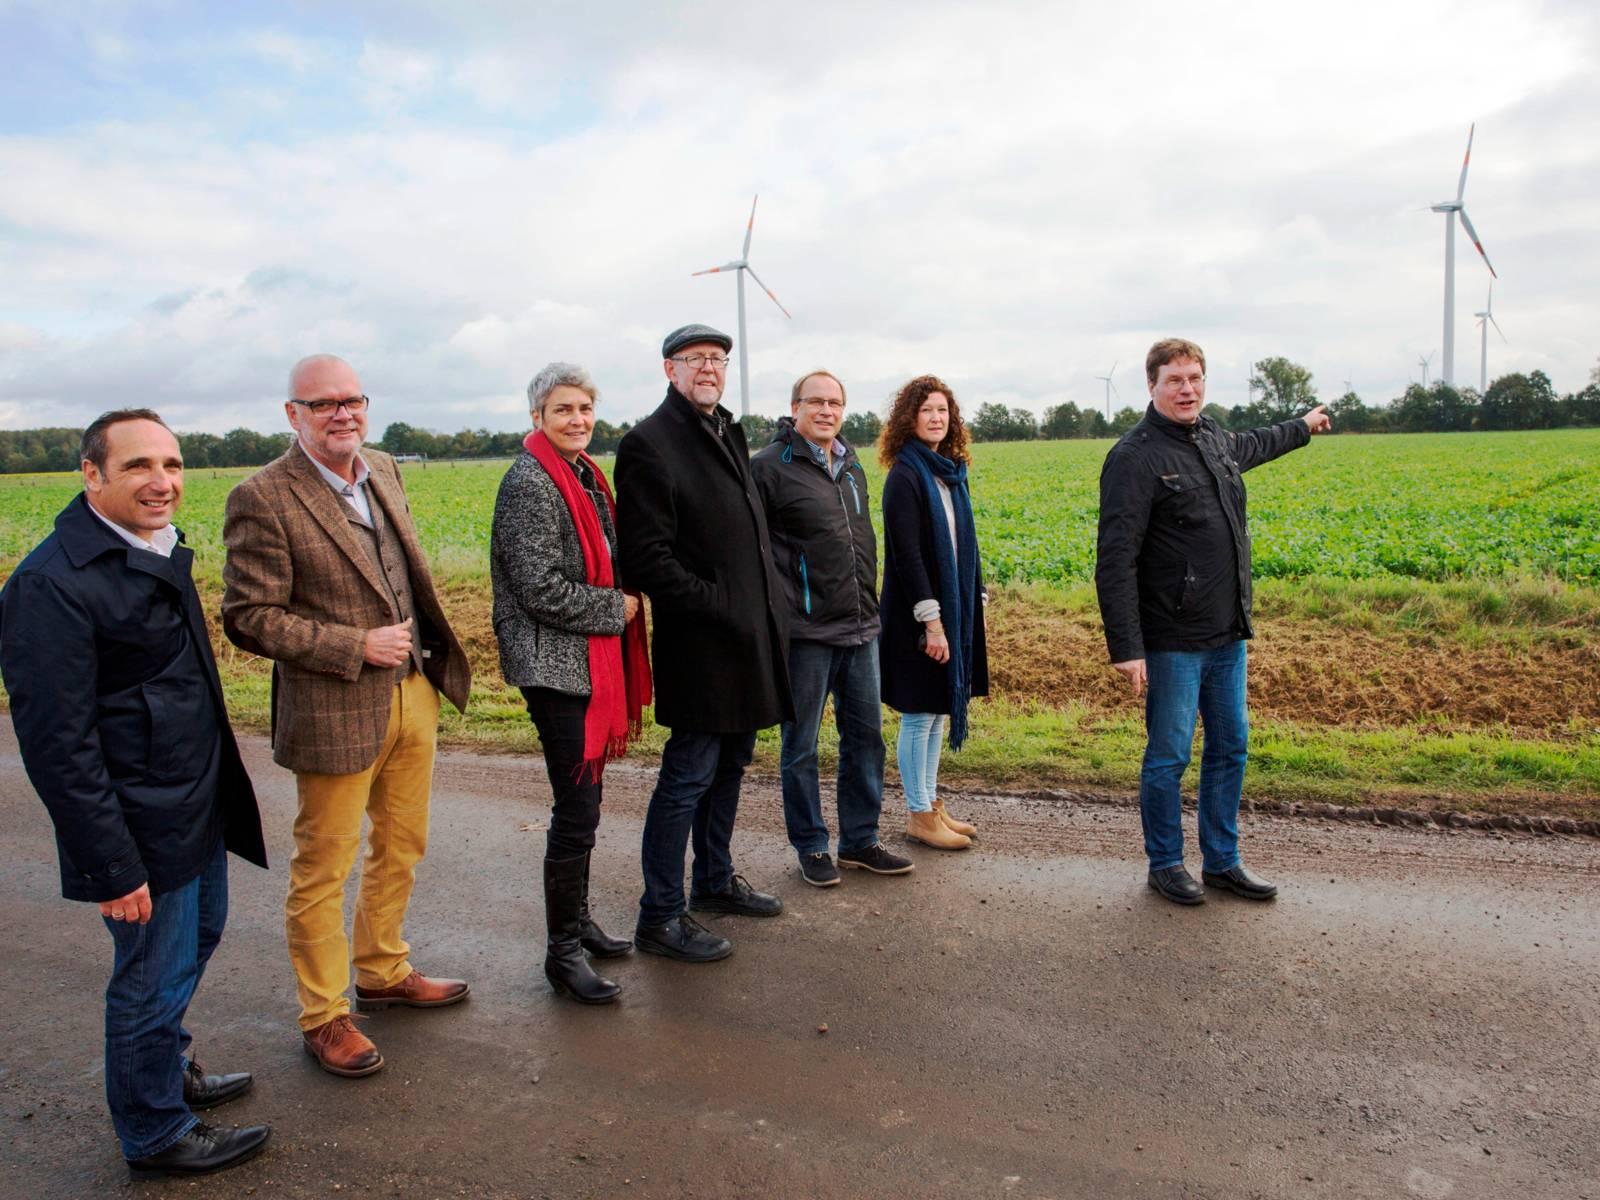 Eine Gruppe steht im ländlichen Bereich auf einem Weg. Im Hintergrund stehen Windkraftanlagen.